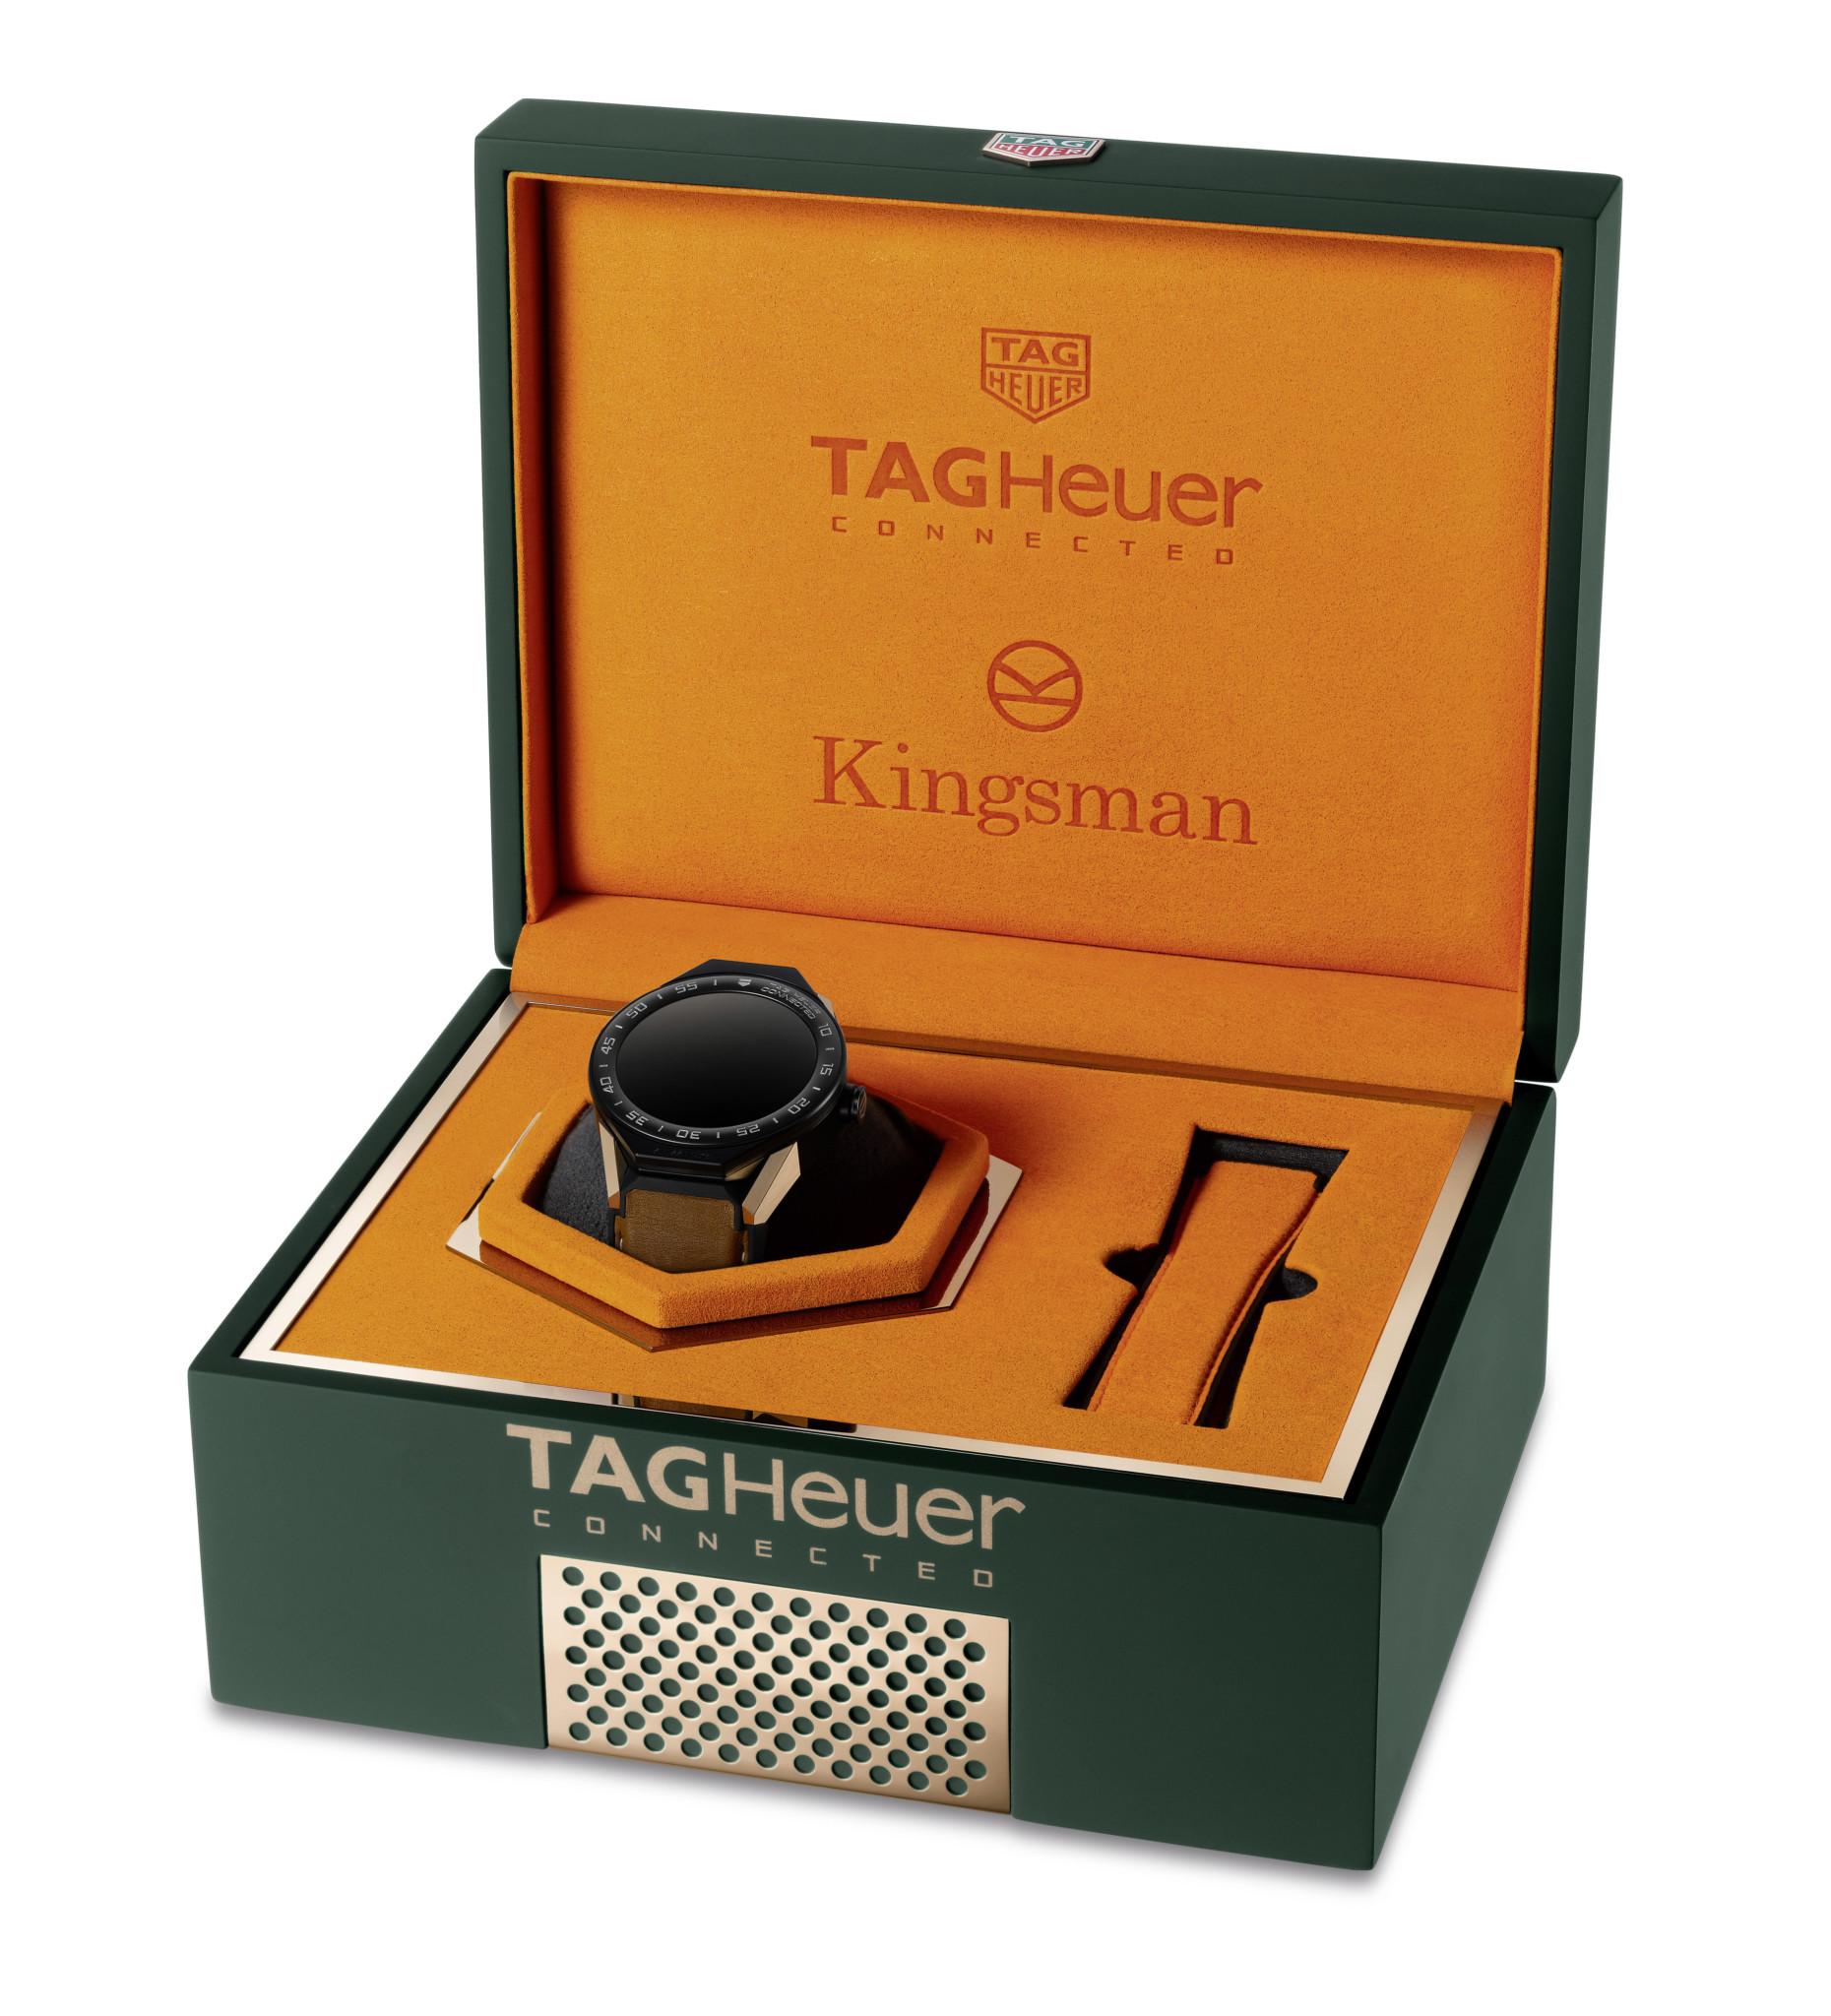 TAG Heuer SBF8A8023.32EB0103 Kit Kingsman 2017